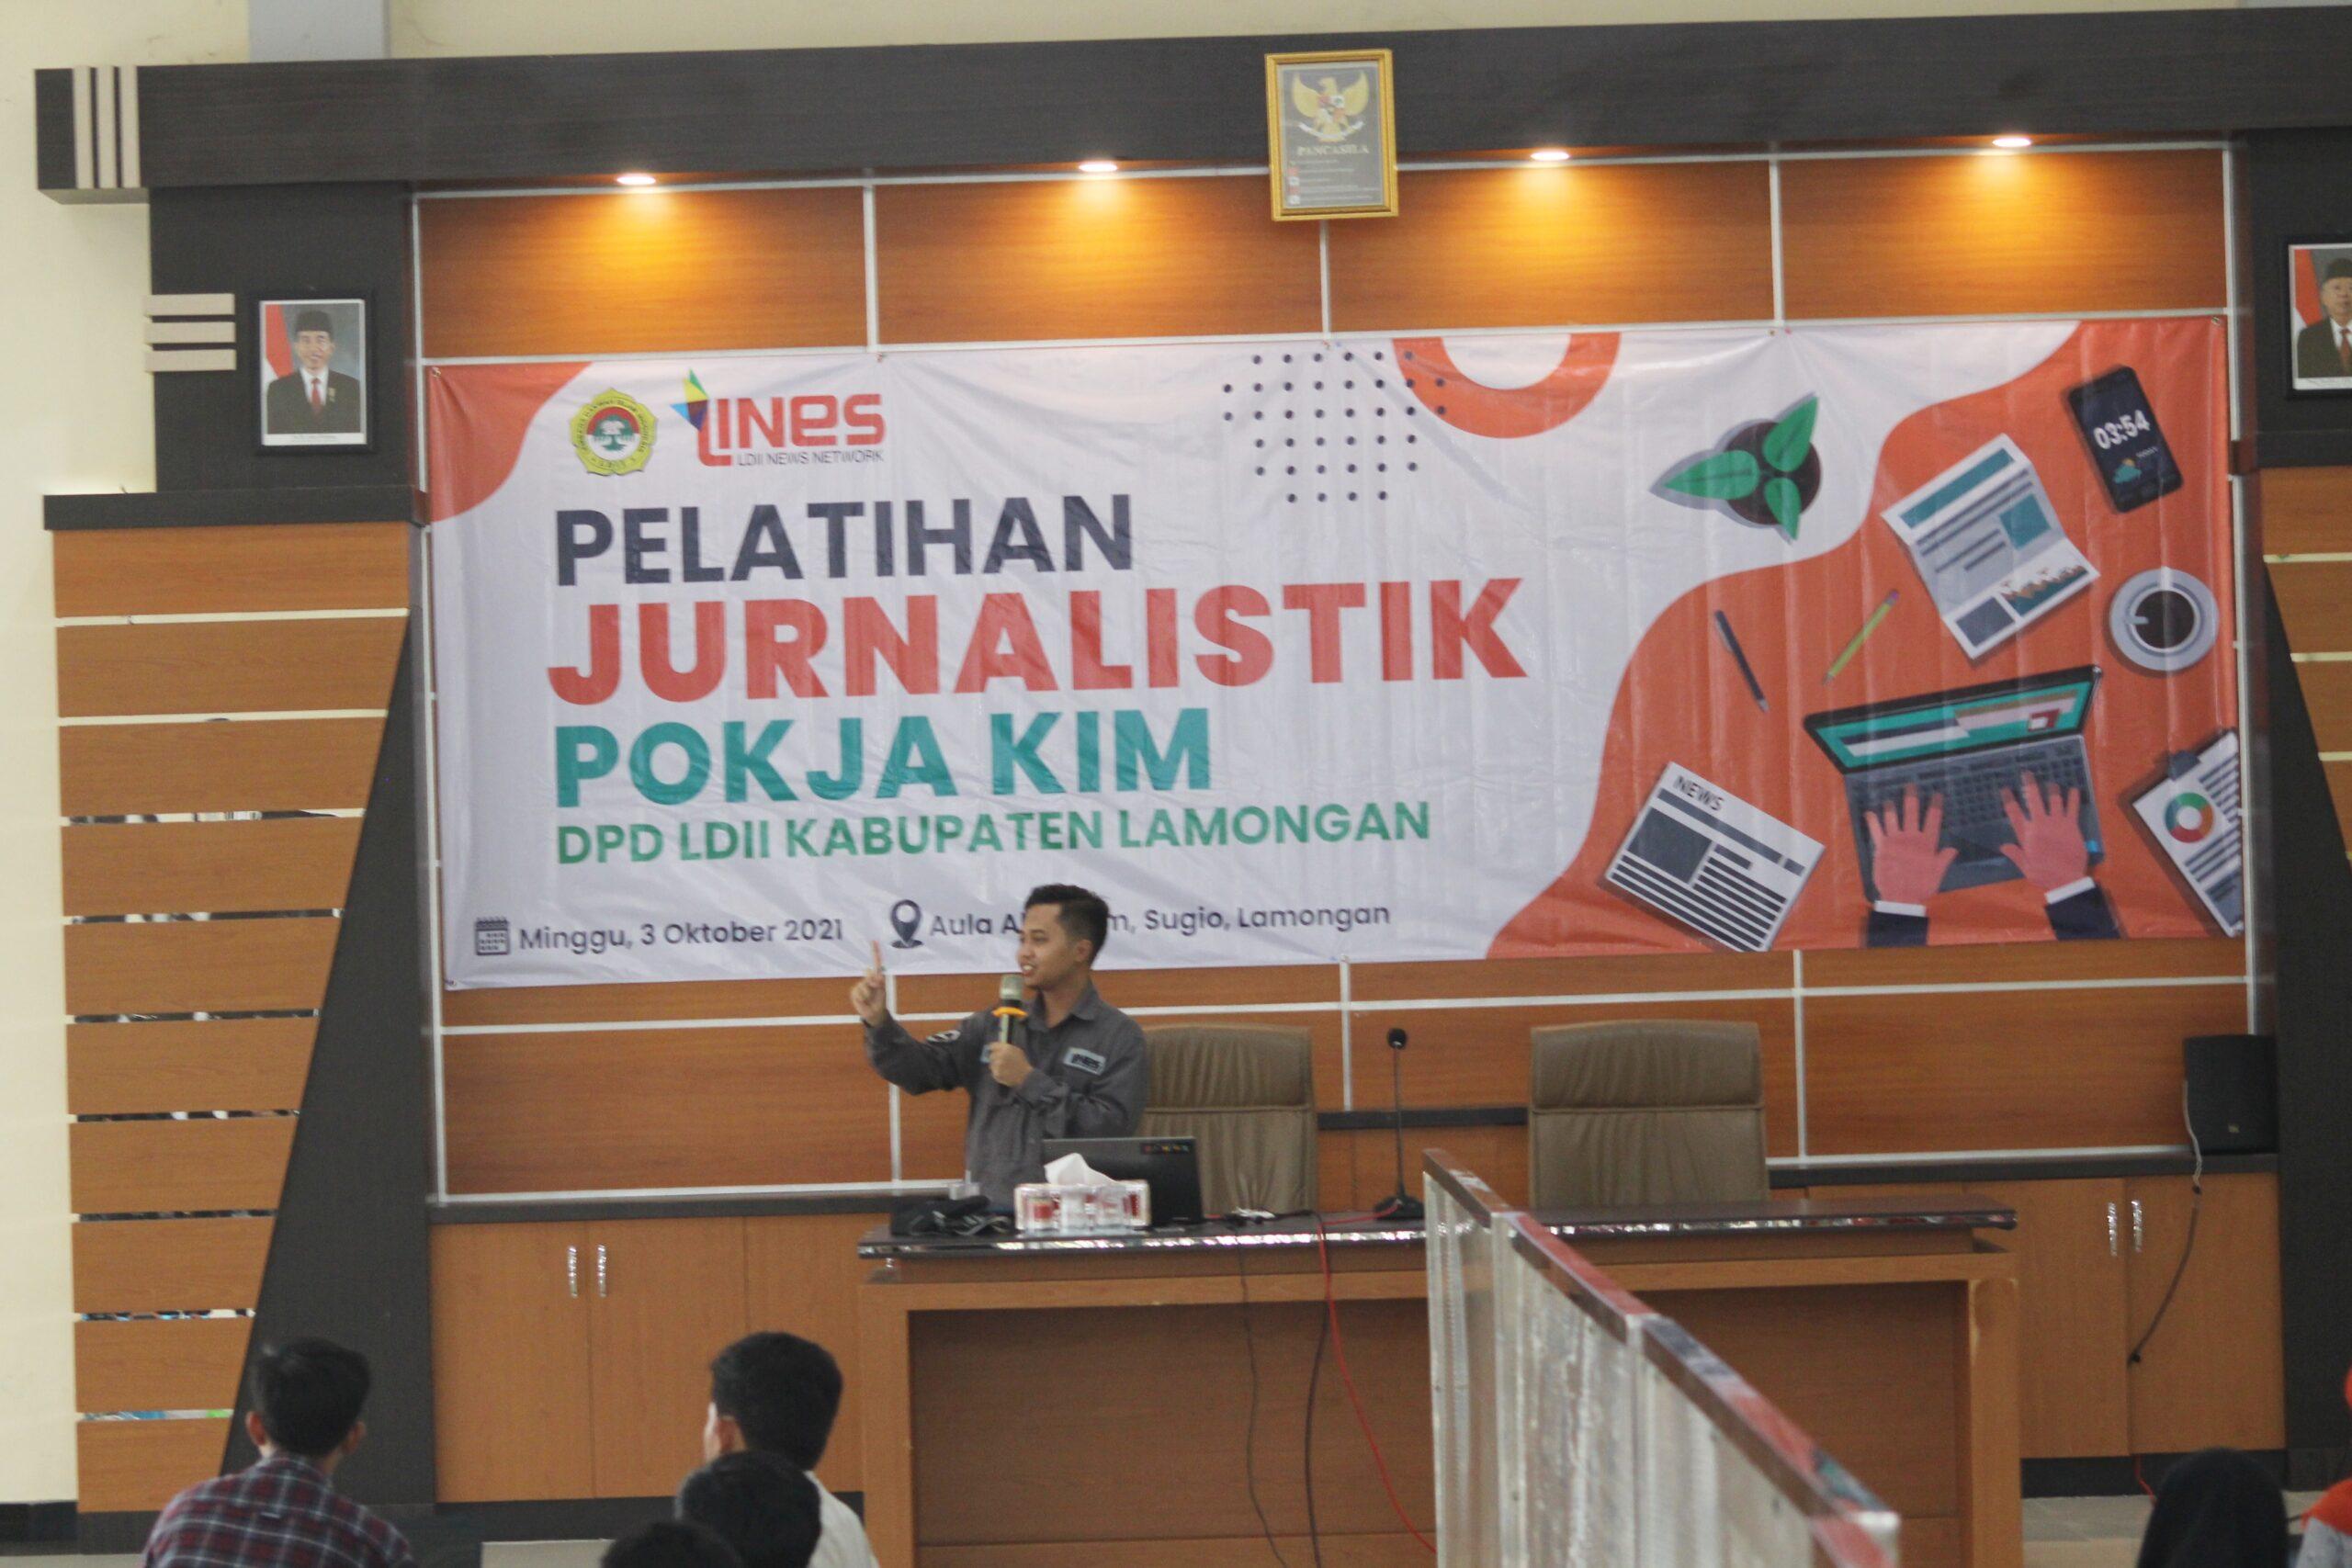 Pengurus DPW LDII Jawa Timur Ilham Mukhsin Oktavian Pemateri Pelatihan Jurnalistik di Aula Al-Karim, Sugio, Lamongan, Minggu (3/10).